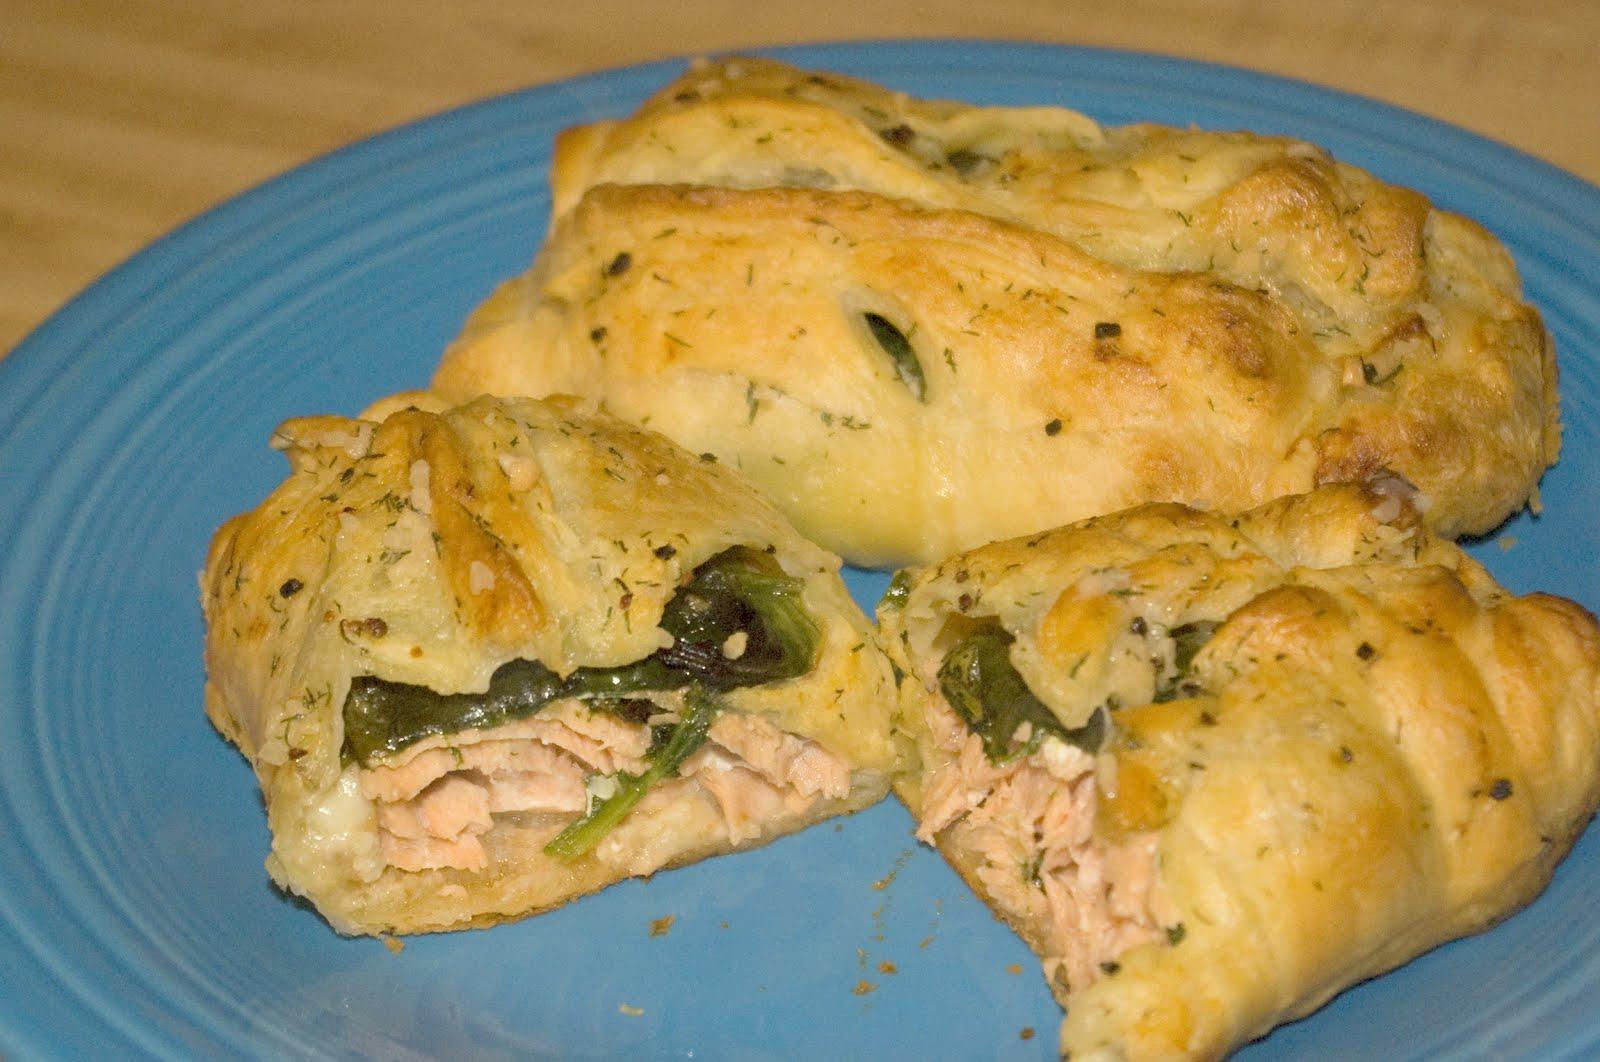 ... of Church Ladies: 40 Meatless Meals Guest Post: Salmon en Croûte